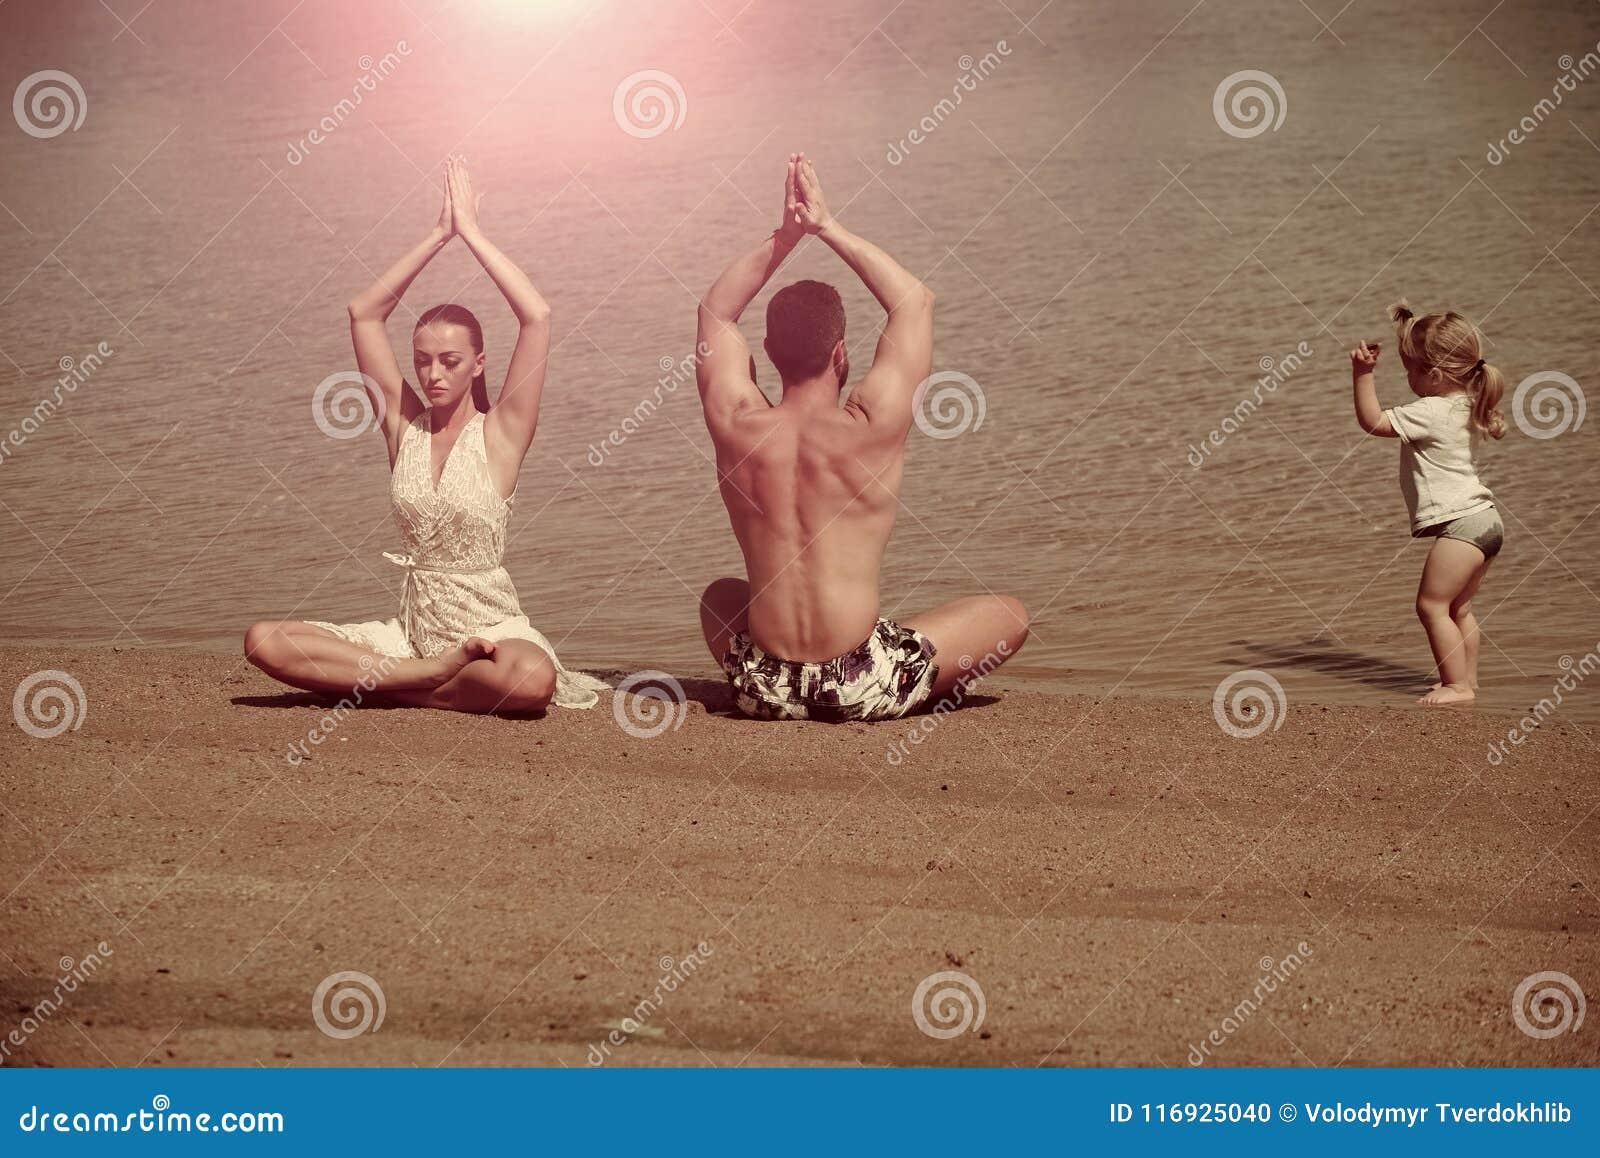 Yoga y meditación, amor y familia, vacaciones de verano, alcohol, cuerpo